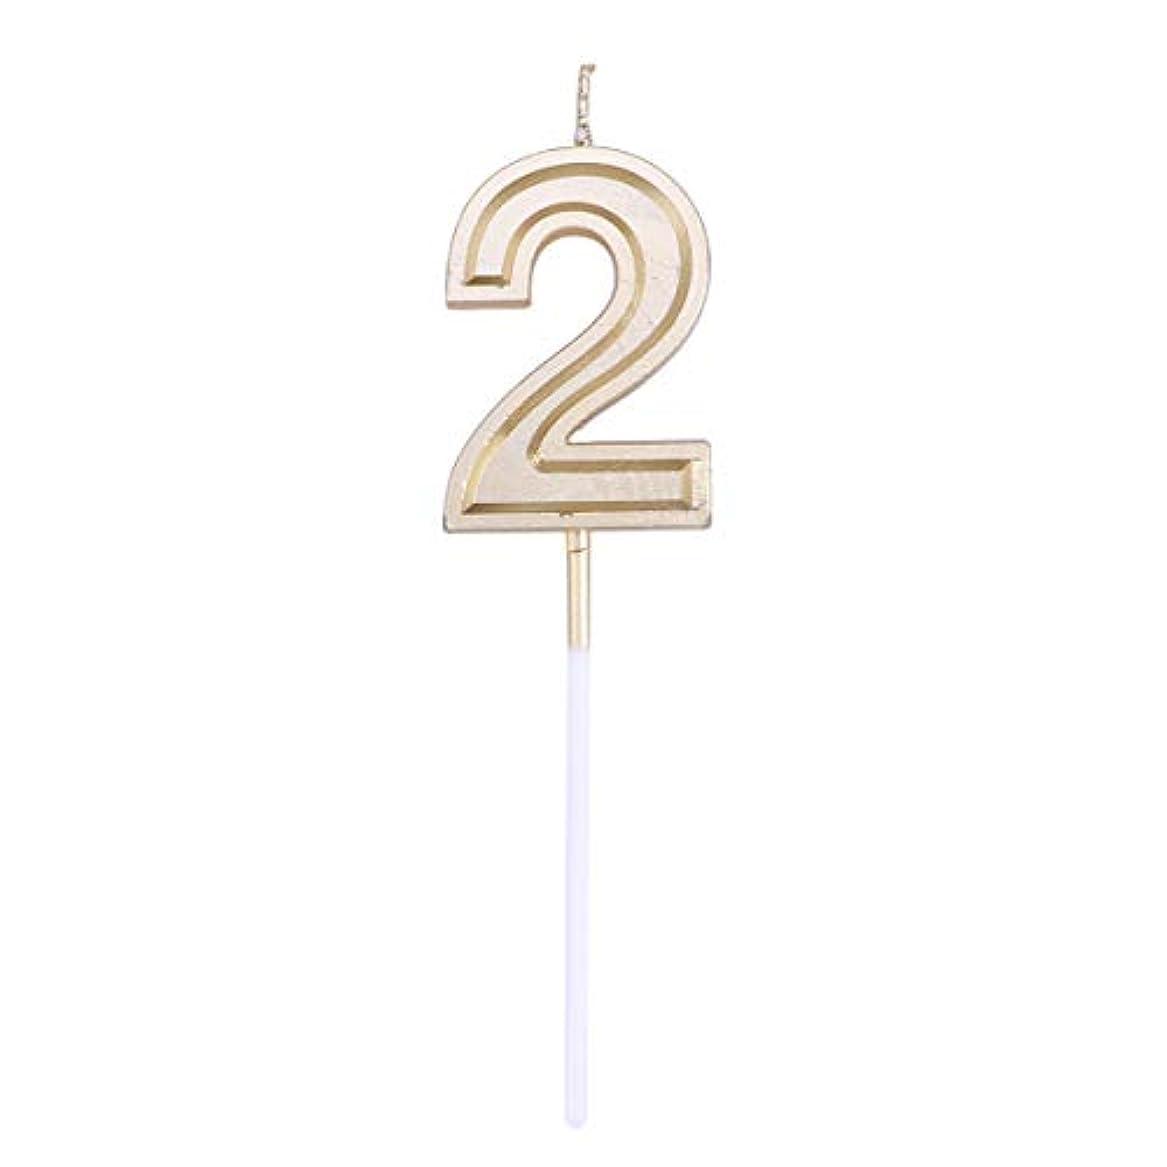 ダイバー雇用者クルーToyvian ゴールドラメ誕生日おめでとう数字キャンドル番号キャンドルケーキトッパー装飾用大人キッズパーティー(ナンバー2)